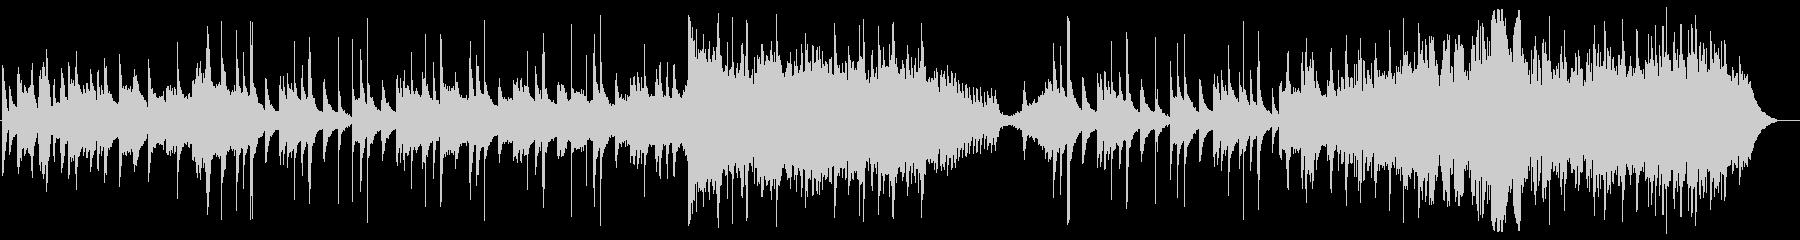 幻想的なハープとストリングスの未再生の波形